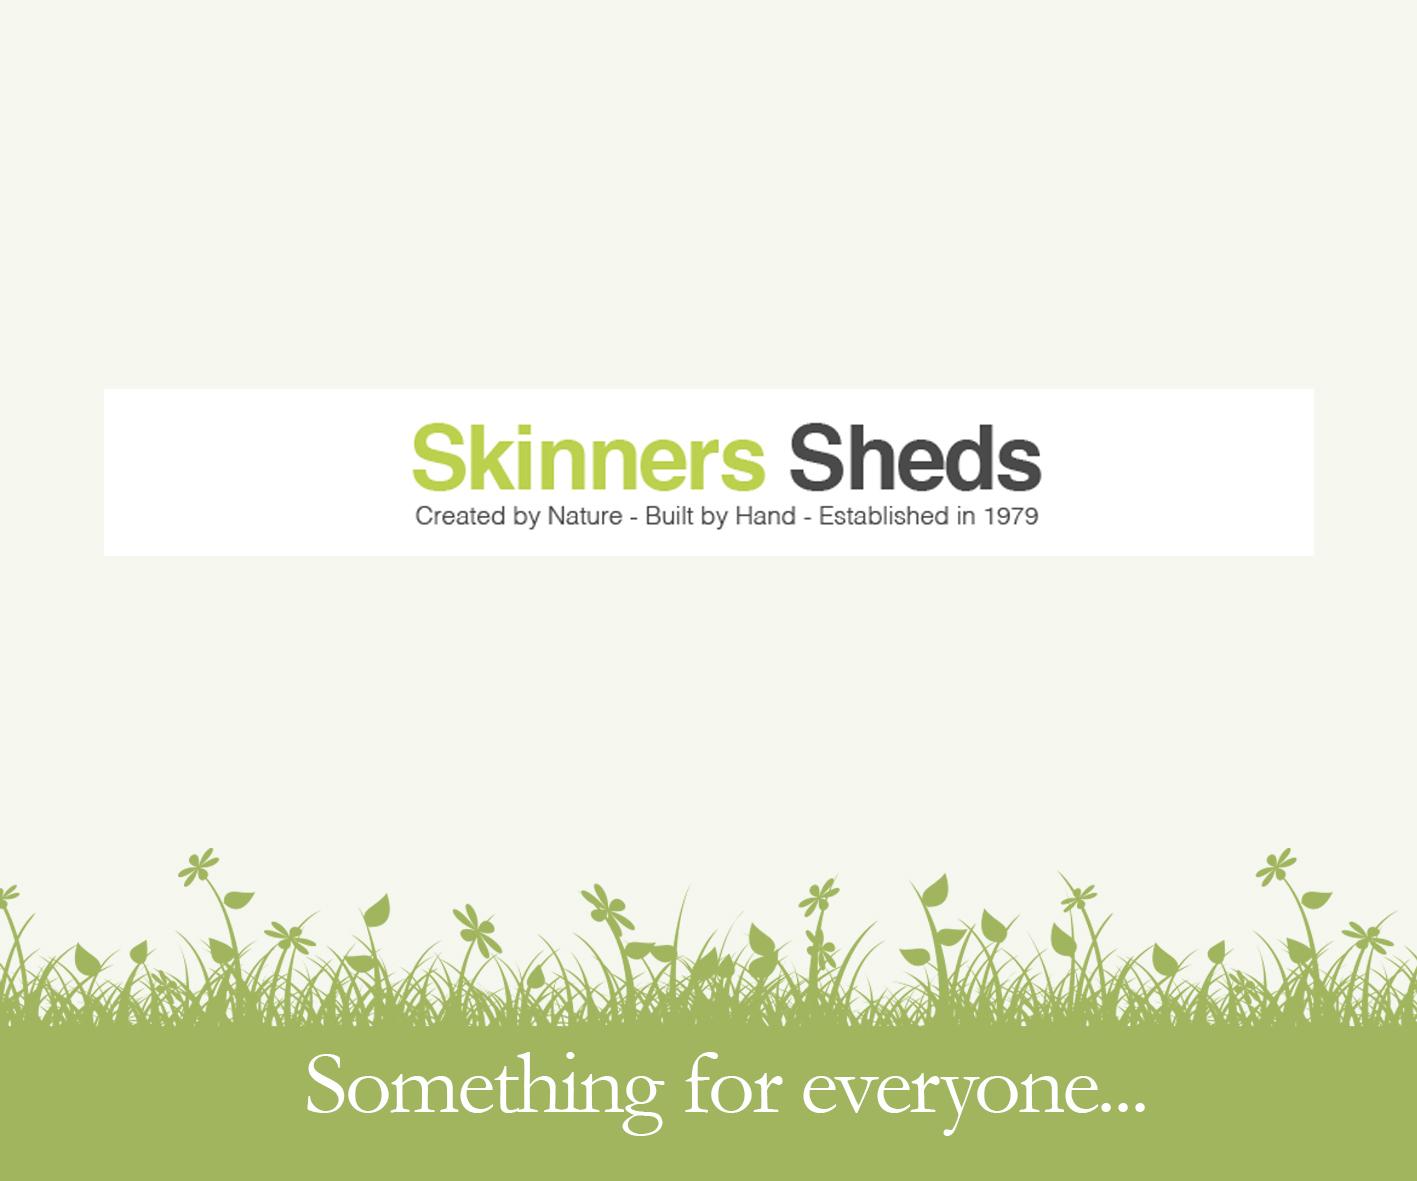 'Skinners Sheds' at Stevenage Garden Centre